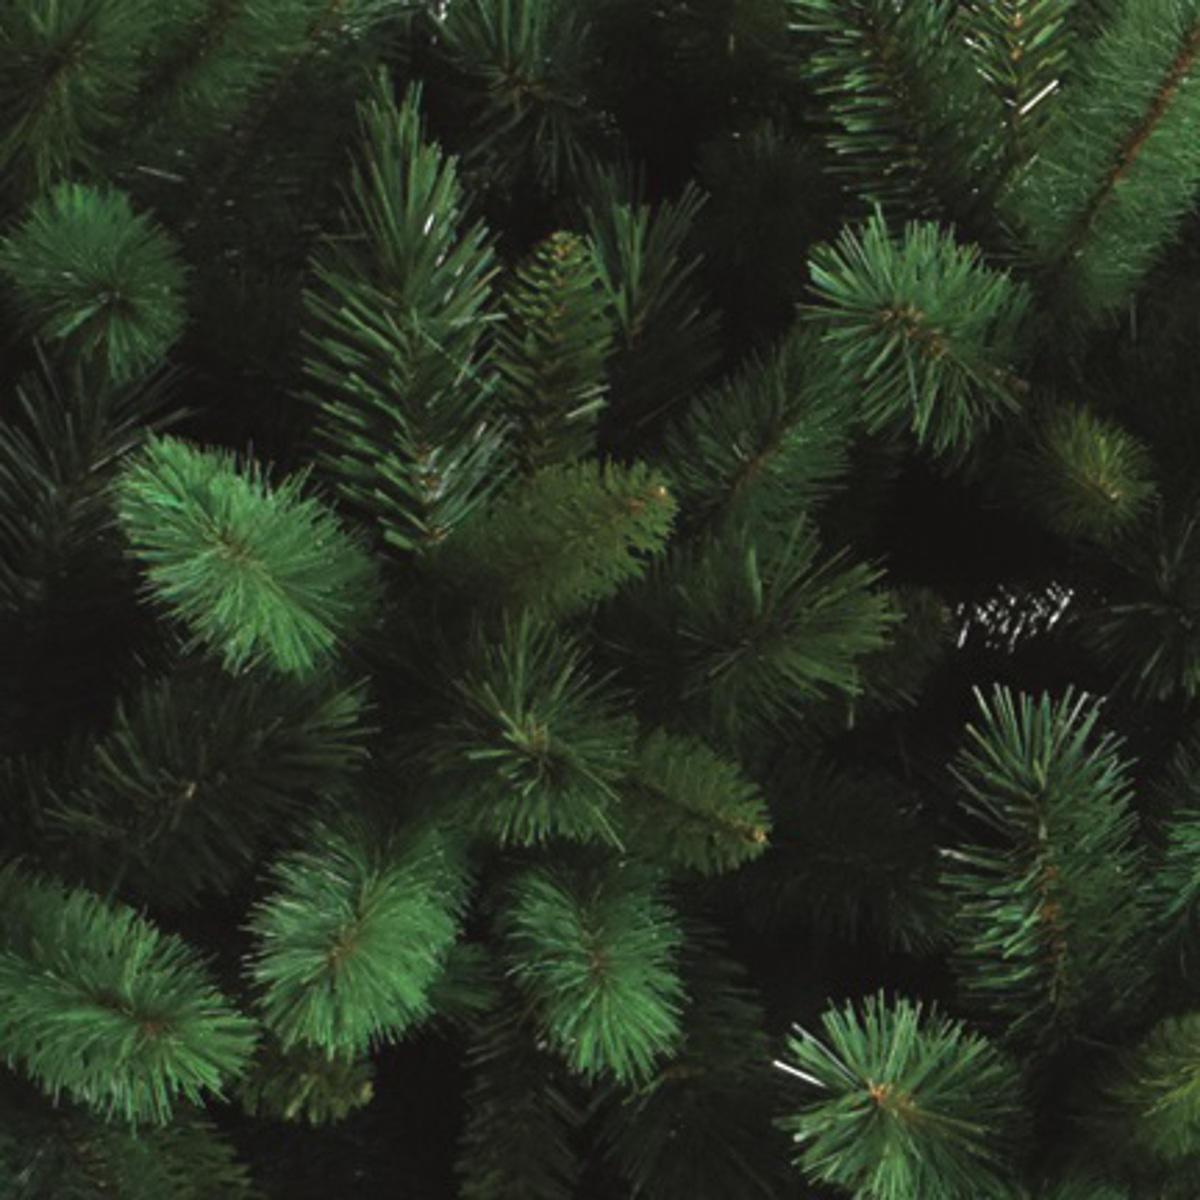 Albero di natale artificiale Livigno verde H 210 cm, - 4